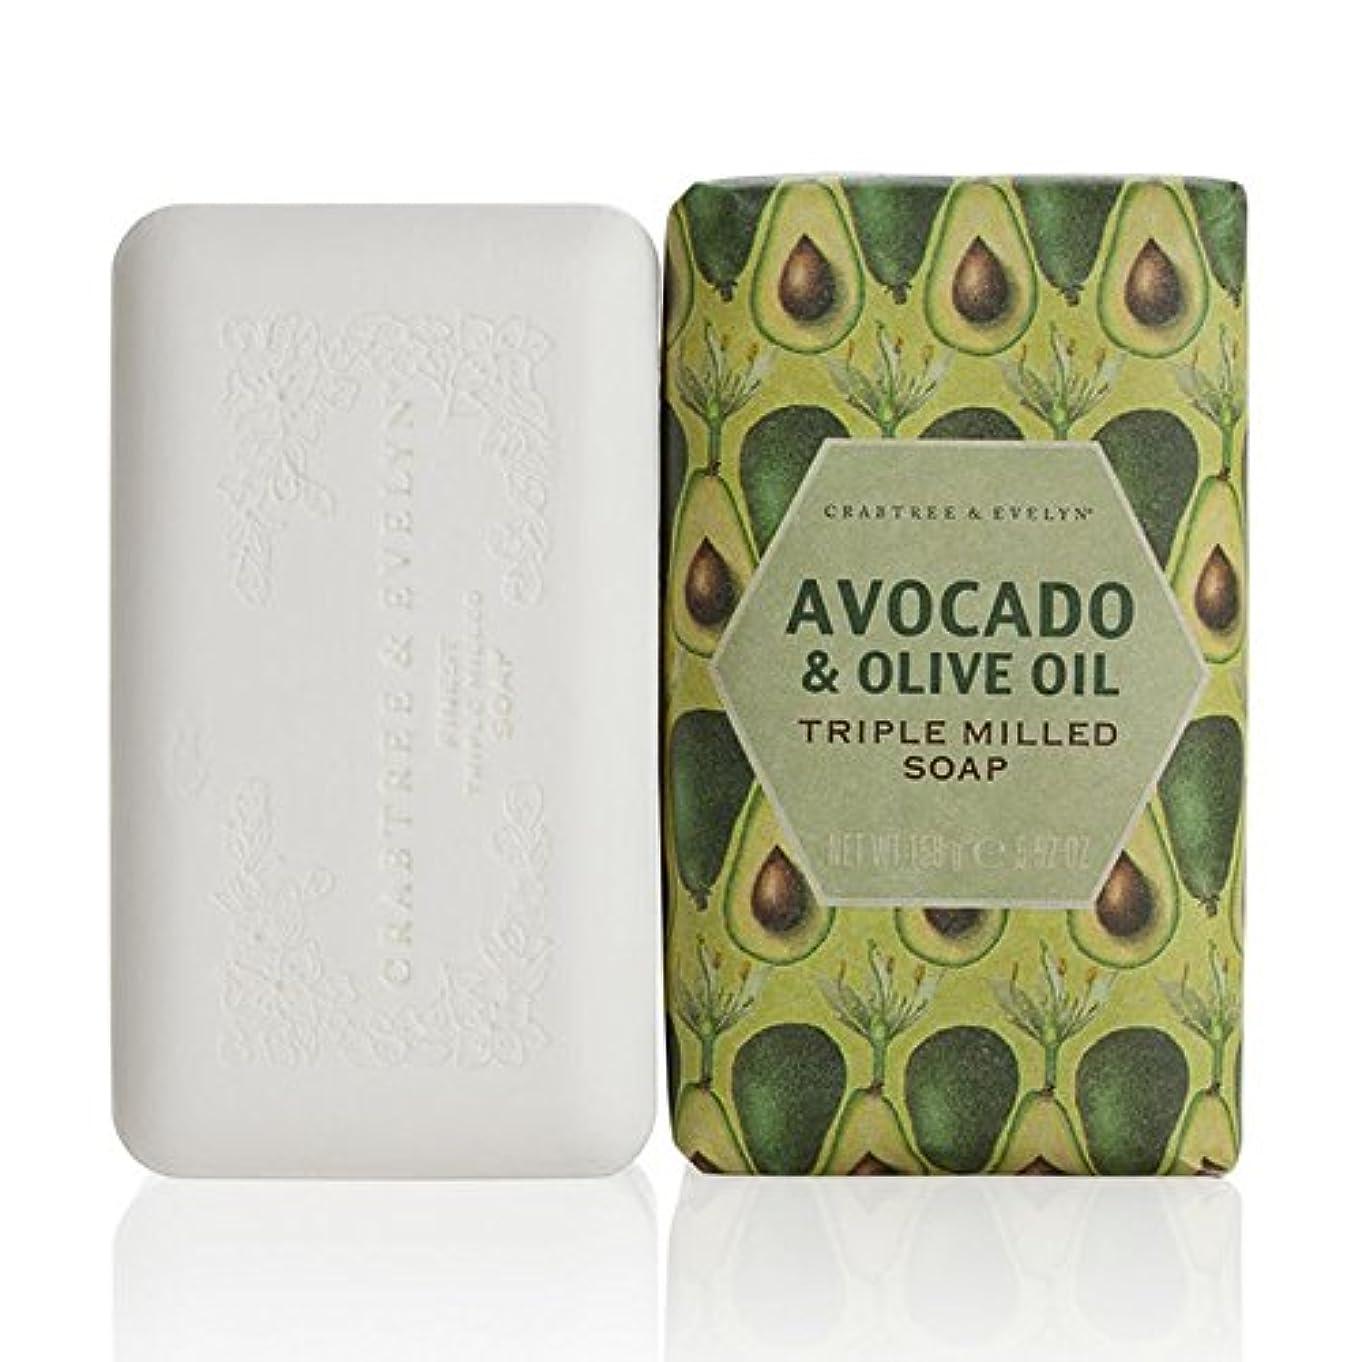 語介入する親密なクラブツリー&イヴリンアボカド&オリーブオイル粉砕された石鹸158グラム x2 - Crabtree & Evelyn Avocado & Olive Oil Milled Soap 158g (Pack of 2) [並行輸入品]